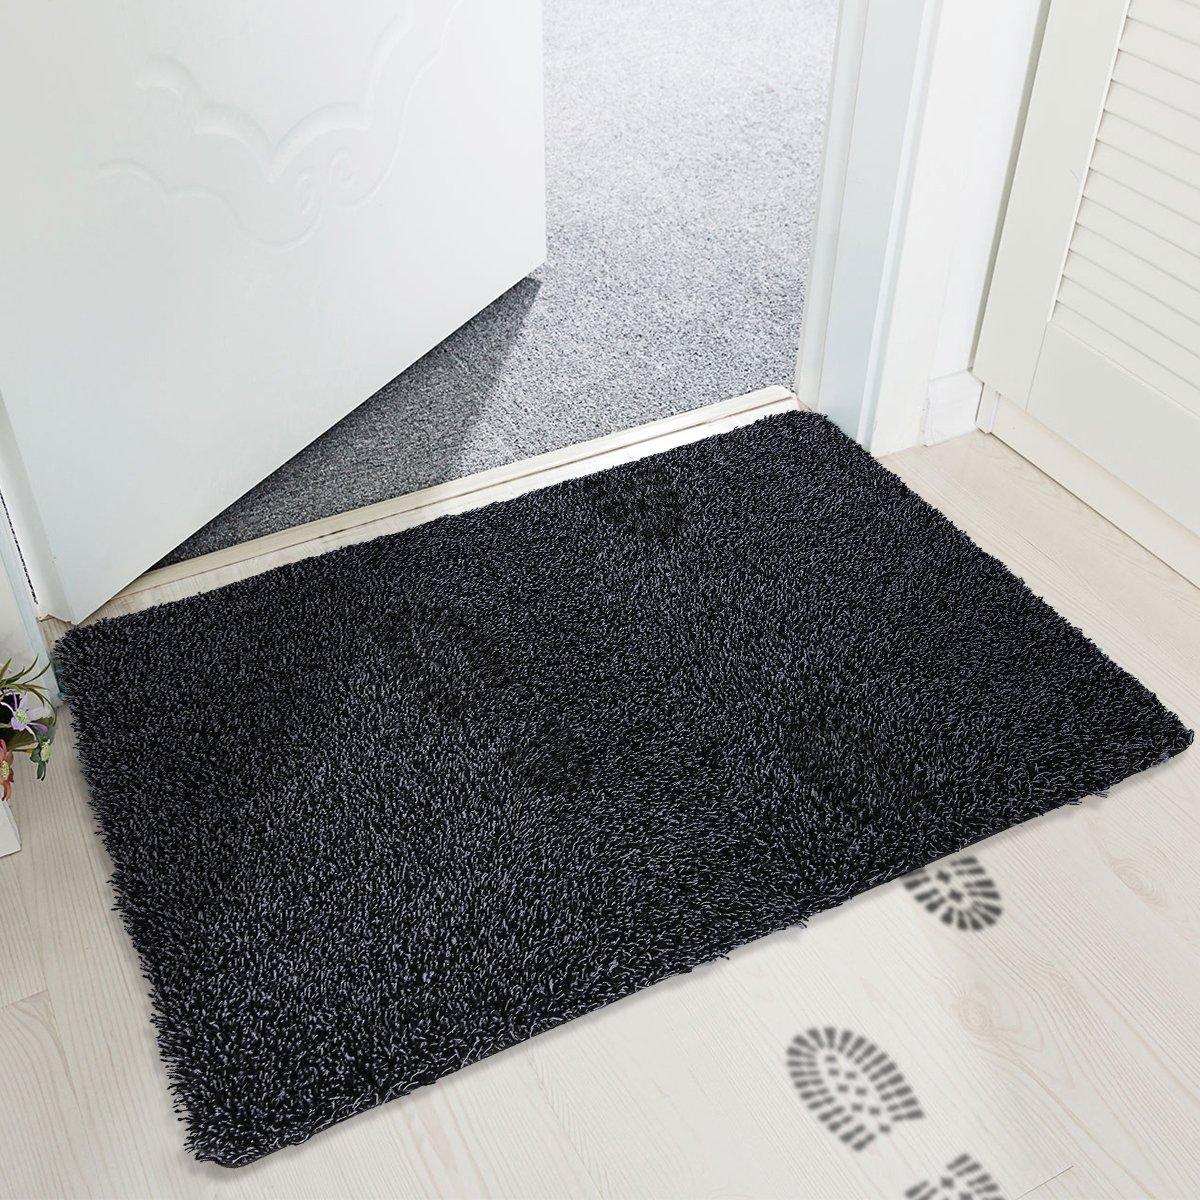 mayshine Non-slip Doormat Cotton Door Mat Mud Dirt Trapper Mats Entrance Rug Shoes Scraper Floor Indoor-45x75cm MS170412